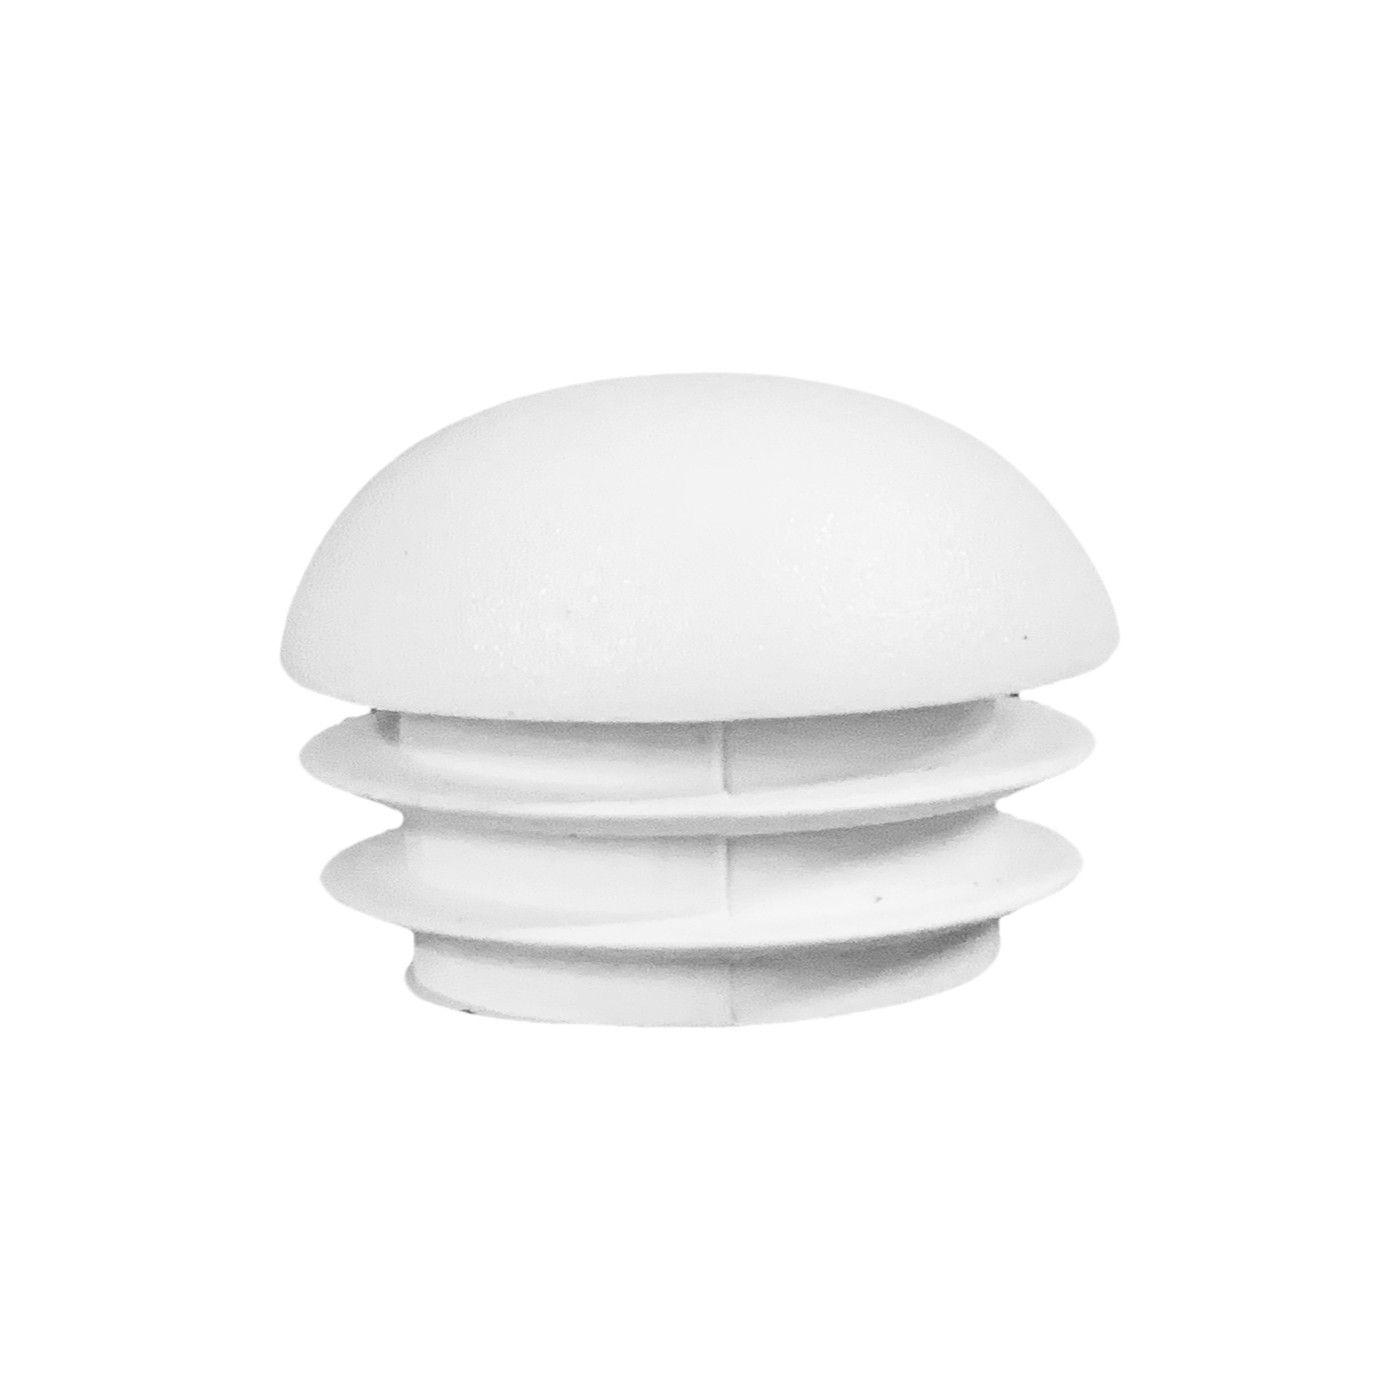 Zestaw 32 plastikowych nasadek na nogi krzesła (wewnątrz, kula, okrągły, 25 mm, biały) [I-RO-25-WB]  - 1